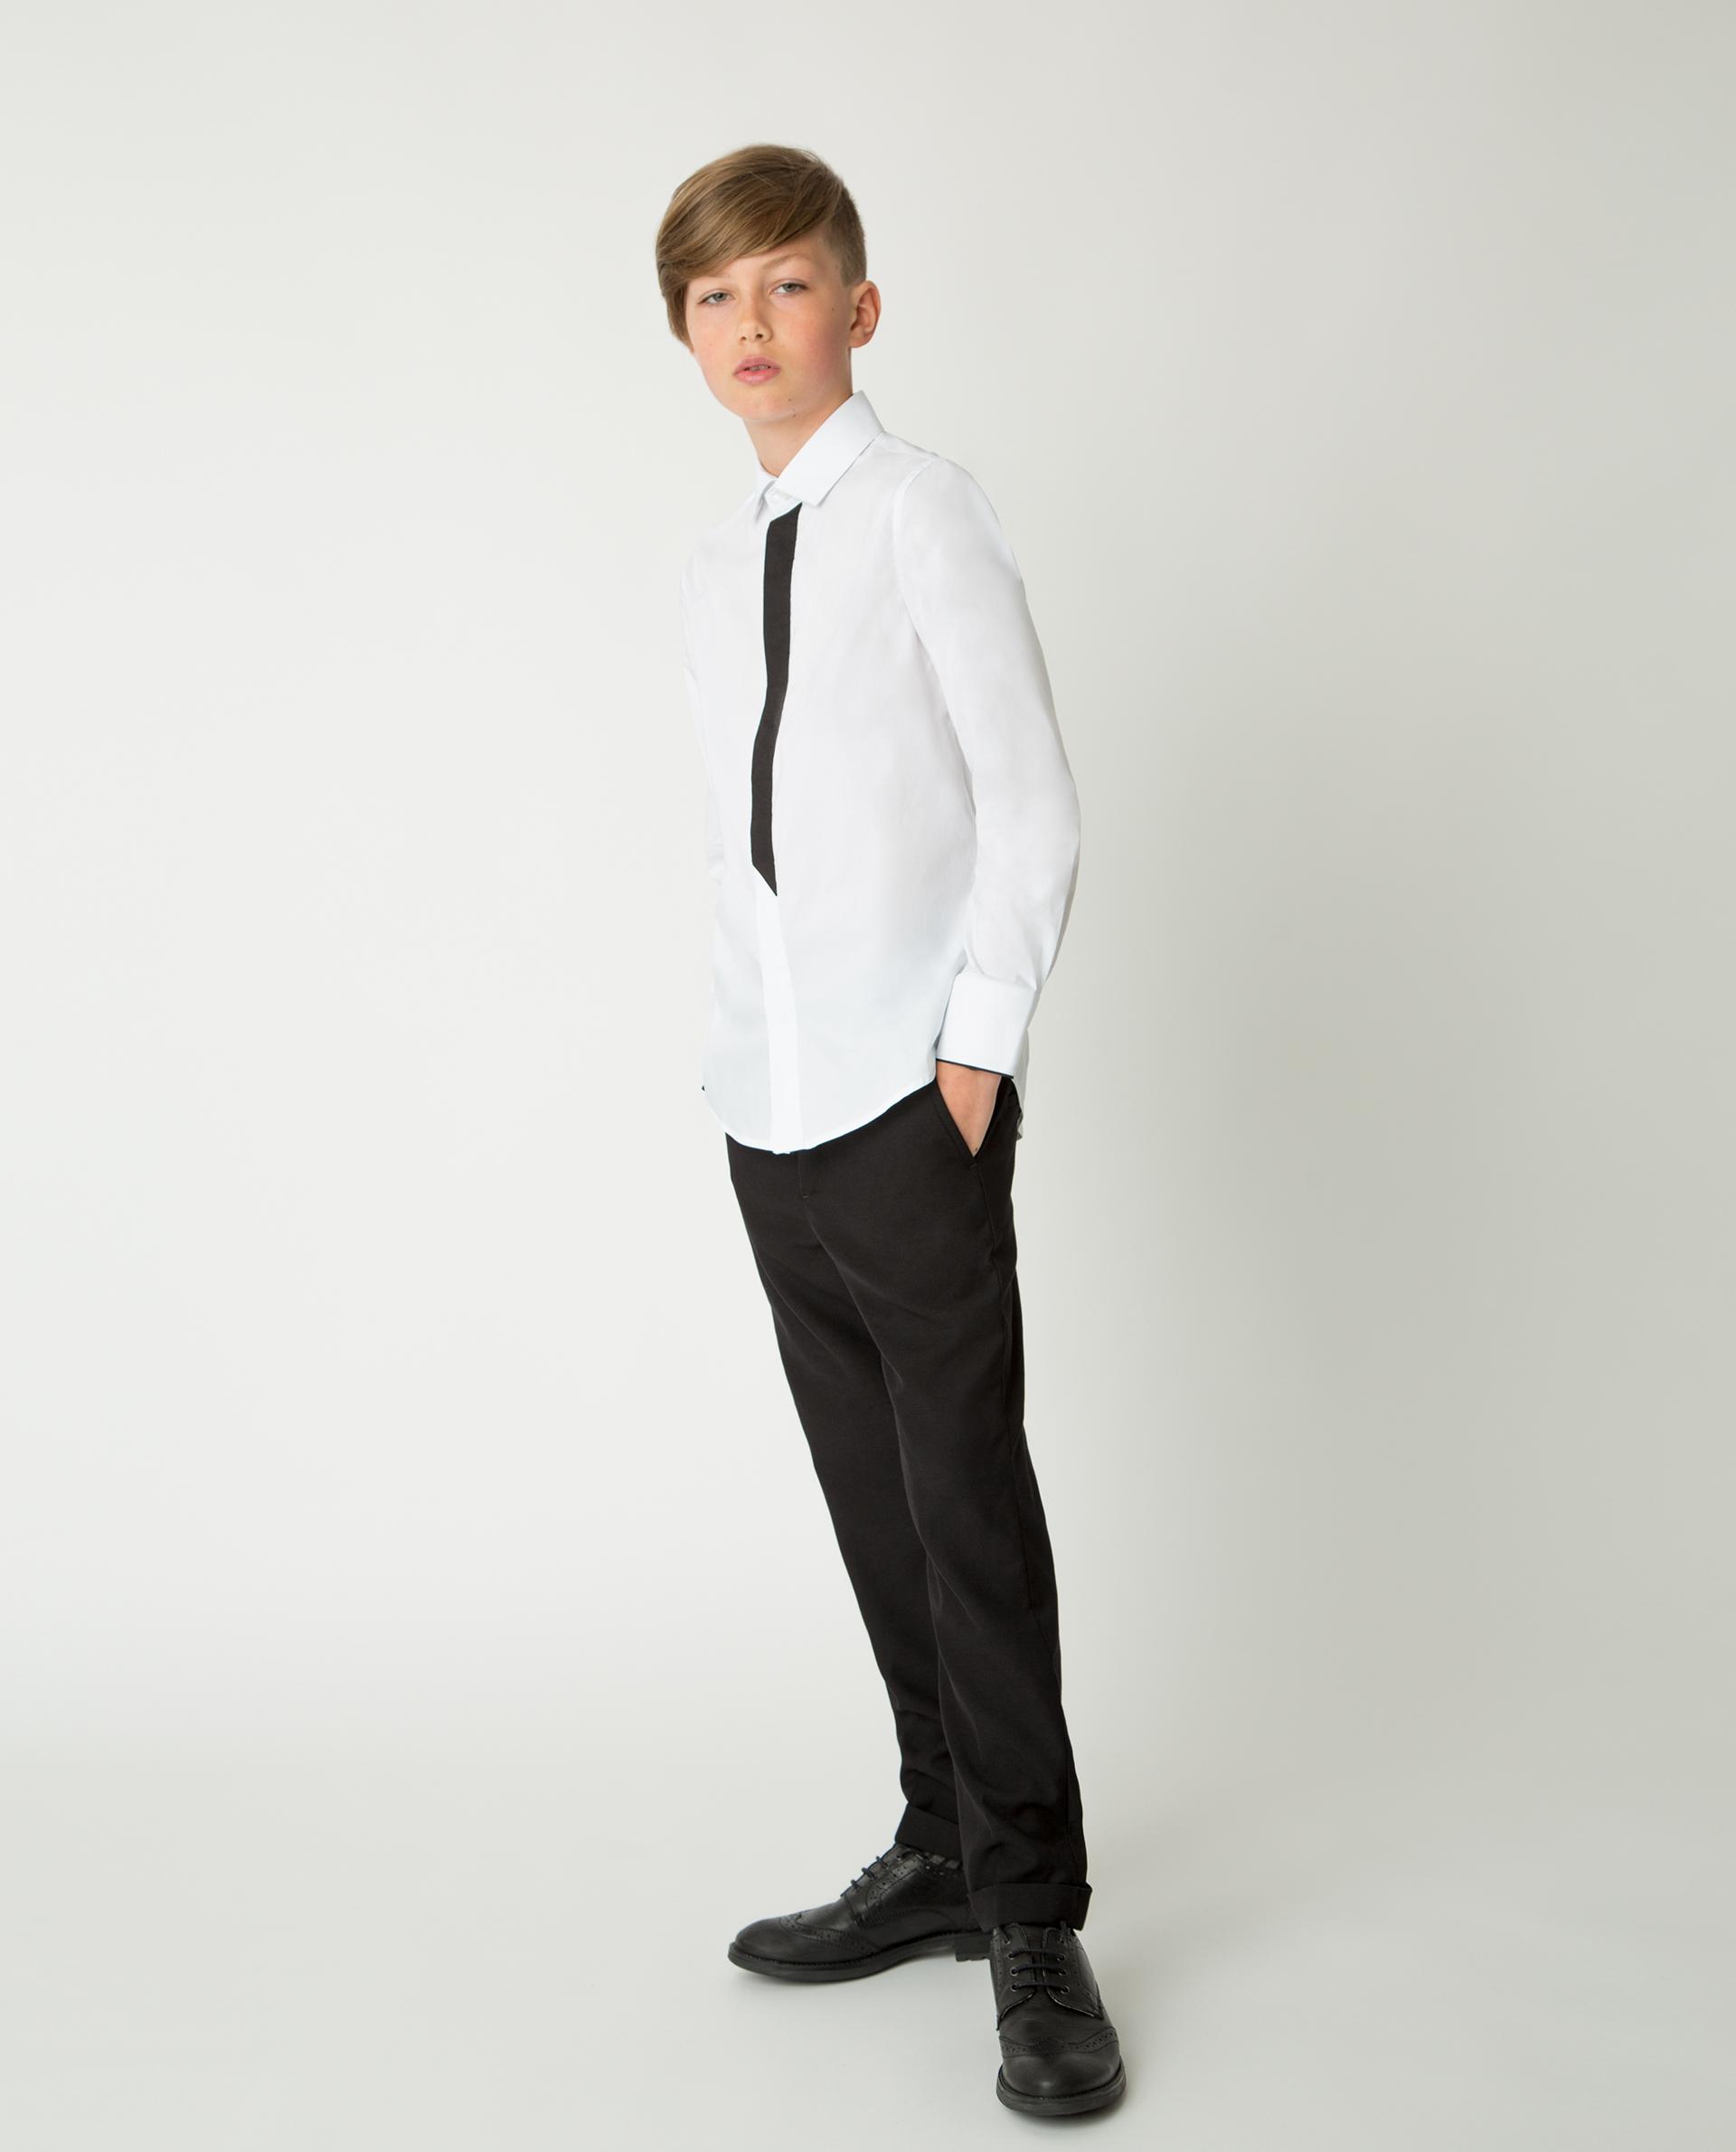 Купить 220GSBC6307, Черные брюки Gulliver, черный, 140, Мужской, Демисезон, ШКОЛЬНАЯ ФОРМА 2020-2021 (shop: GulliverMarket Gulliver Market)